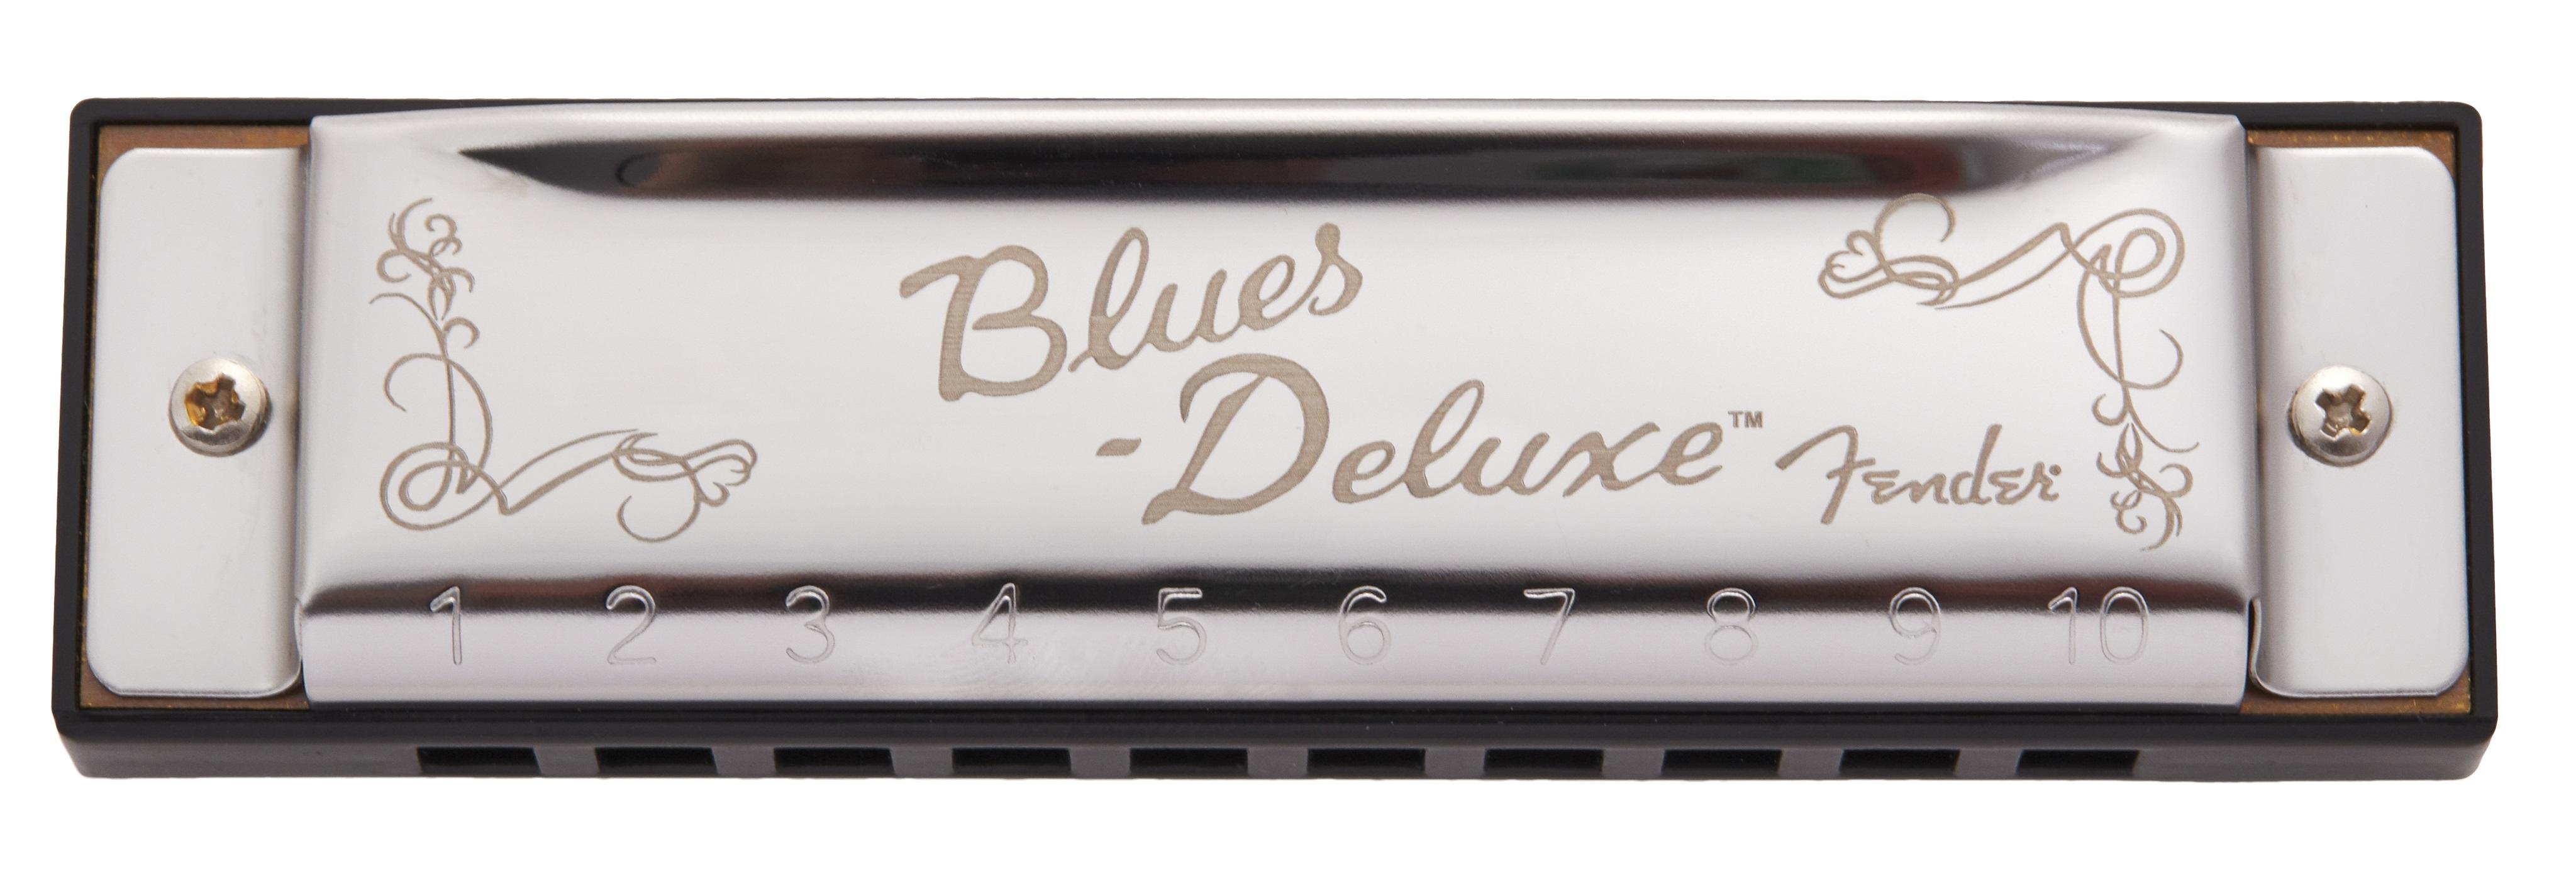 Fender Blues Deluxe Key of F